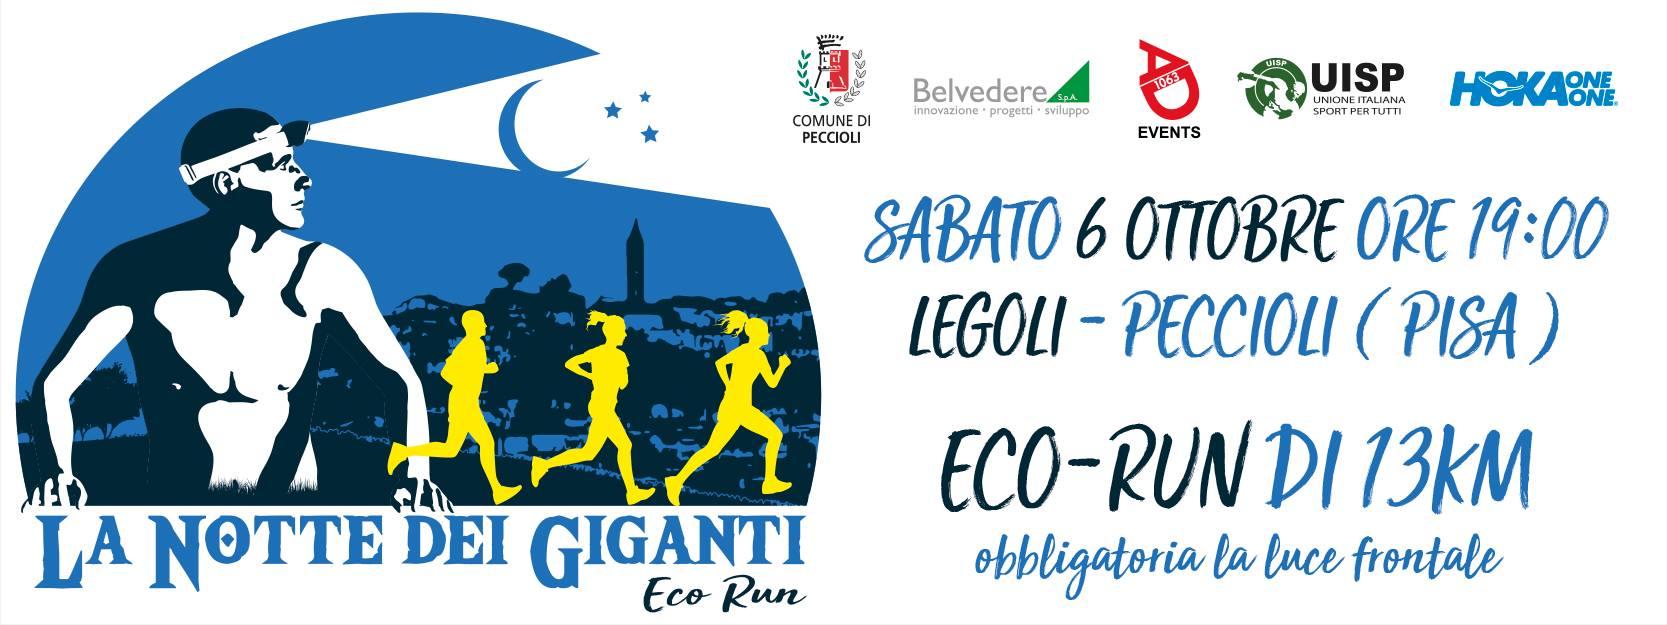 2° Eco Run & Walk – La Notte dei Giganti | Peccioli